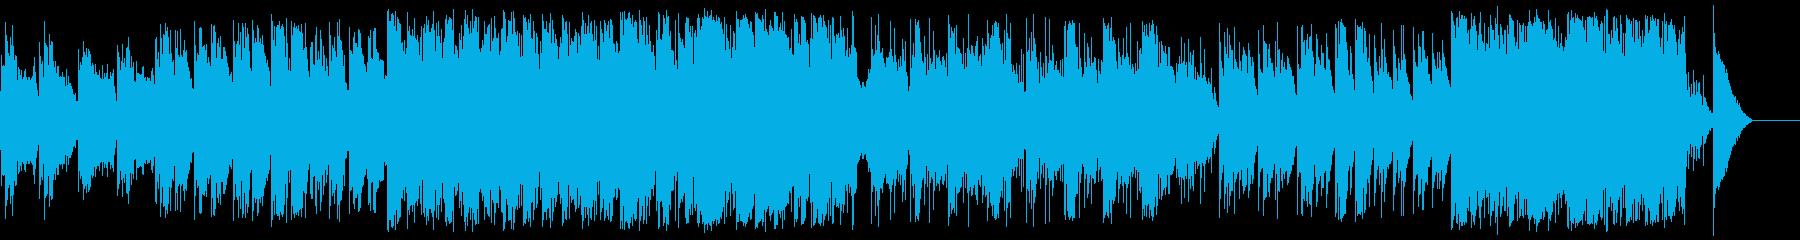 暖かく神秘的な西洋サウンドの再生済みの波形